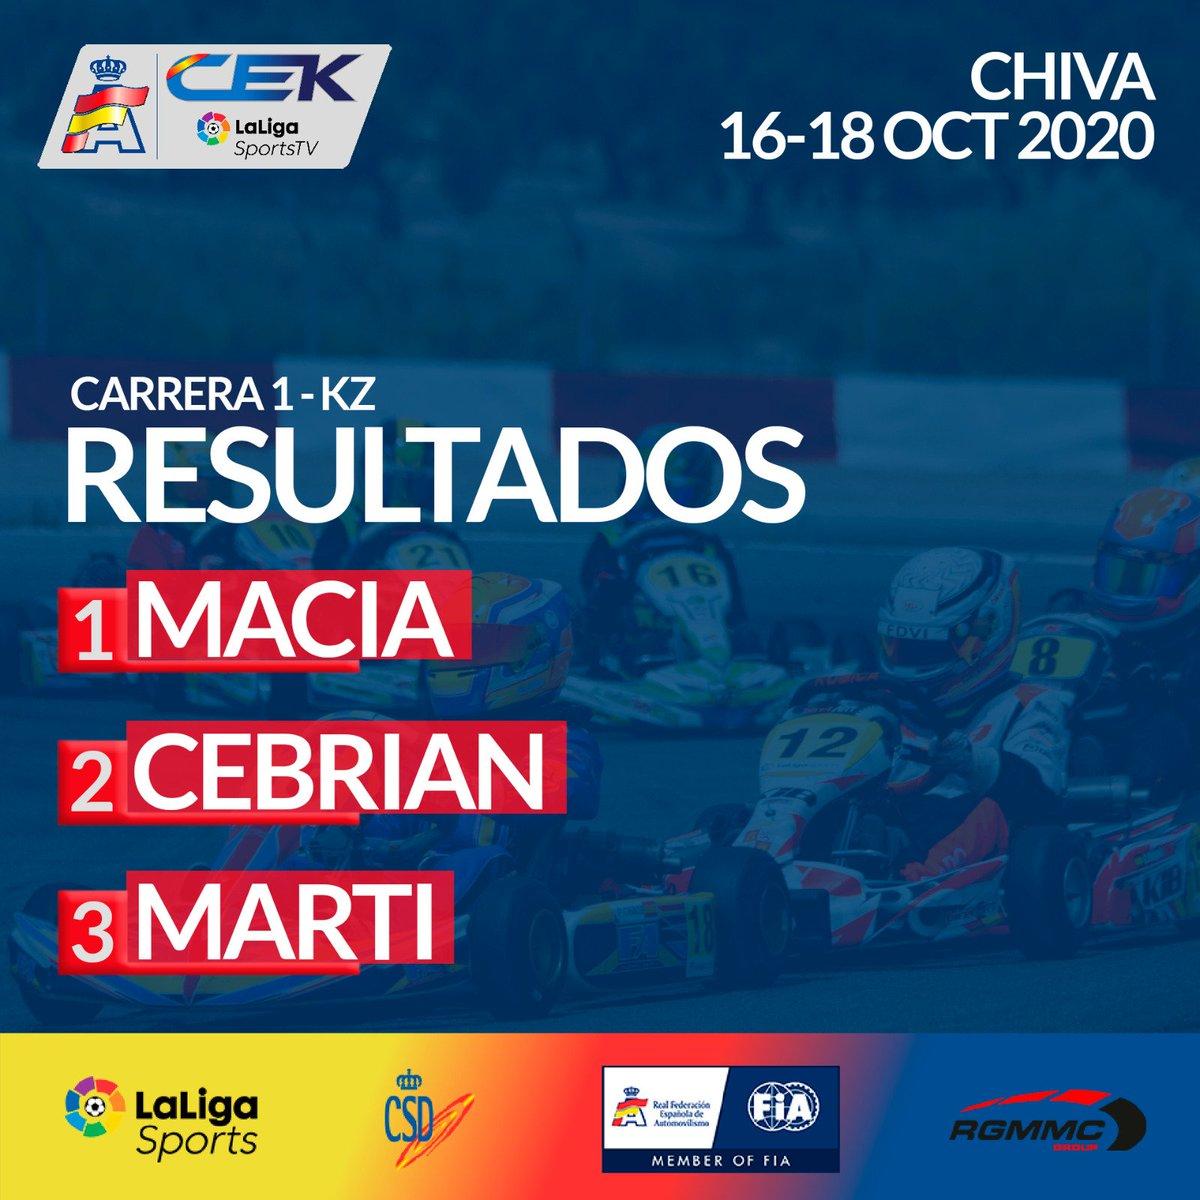 🏁 Victoria de @danimaciam en la carrera de este sábado en Chiva, categoría KZ.  Cebrián y @nereamarti27 han completado el podio.  #KartingCEK https://t.co/jHbH03LA7s